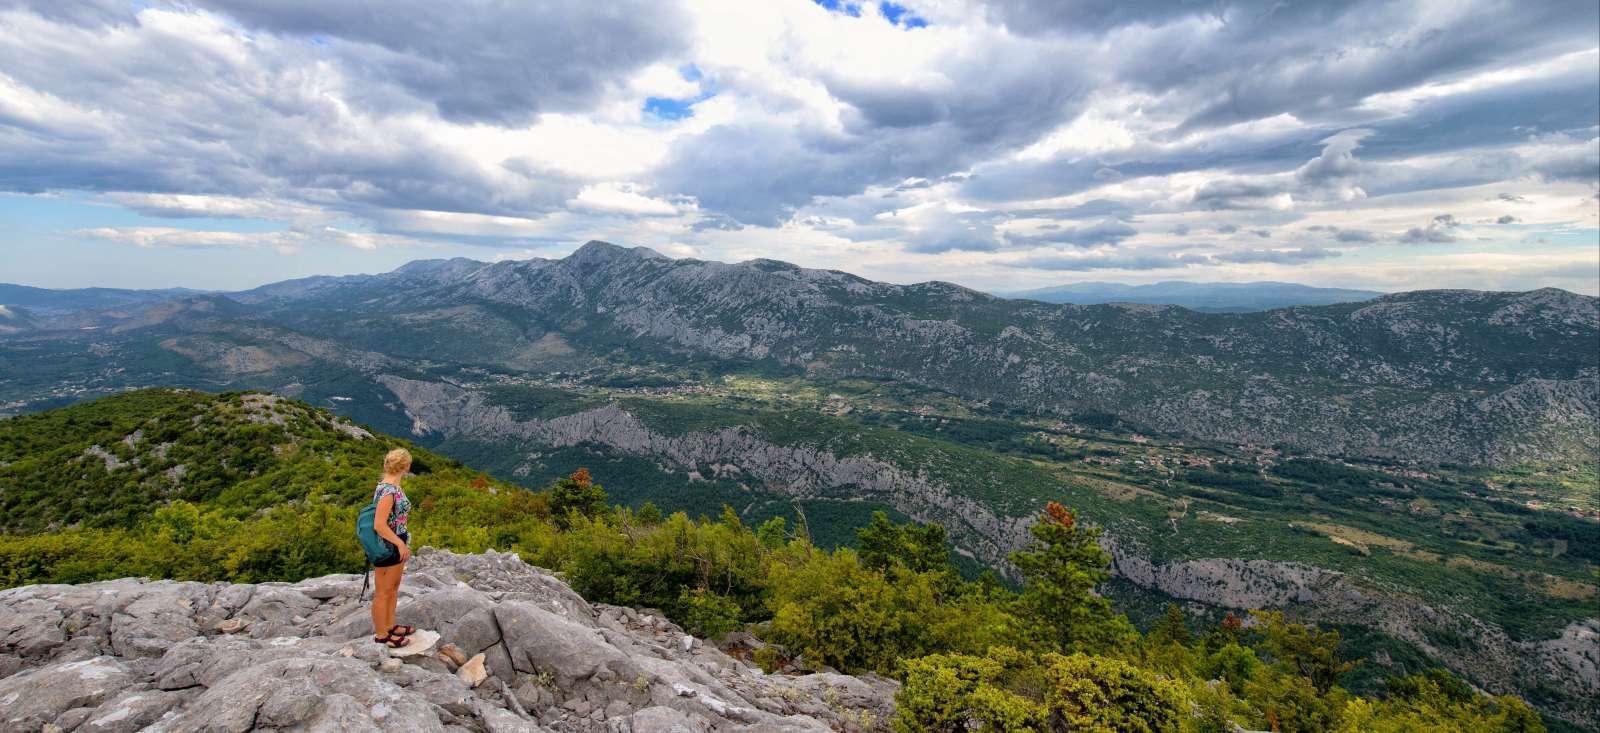 Voyage à pied : Massif du Velebit et île de Pag